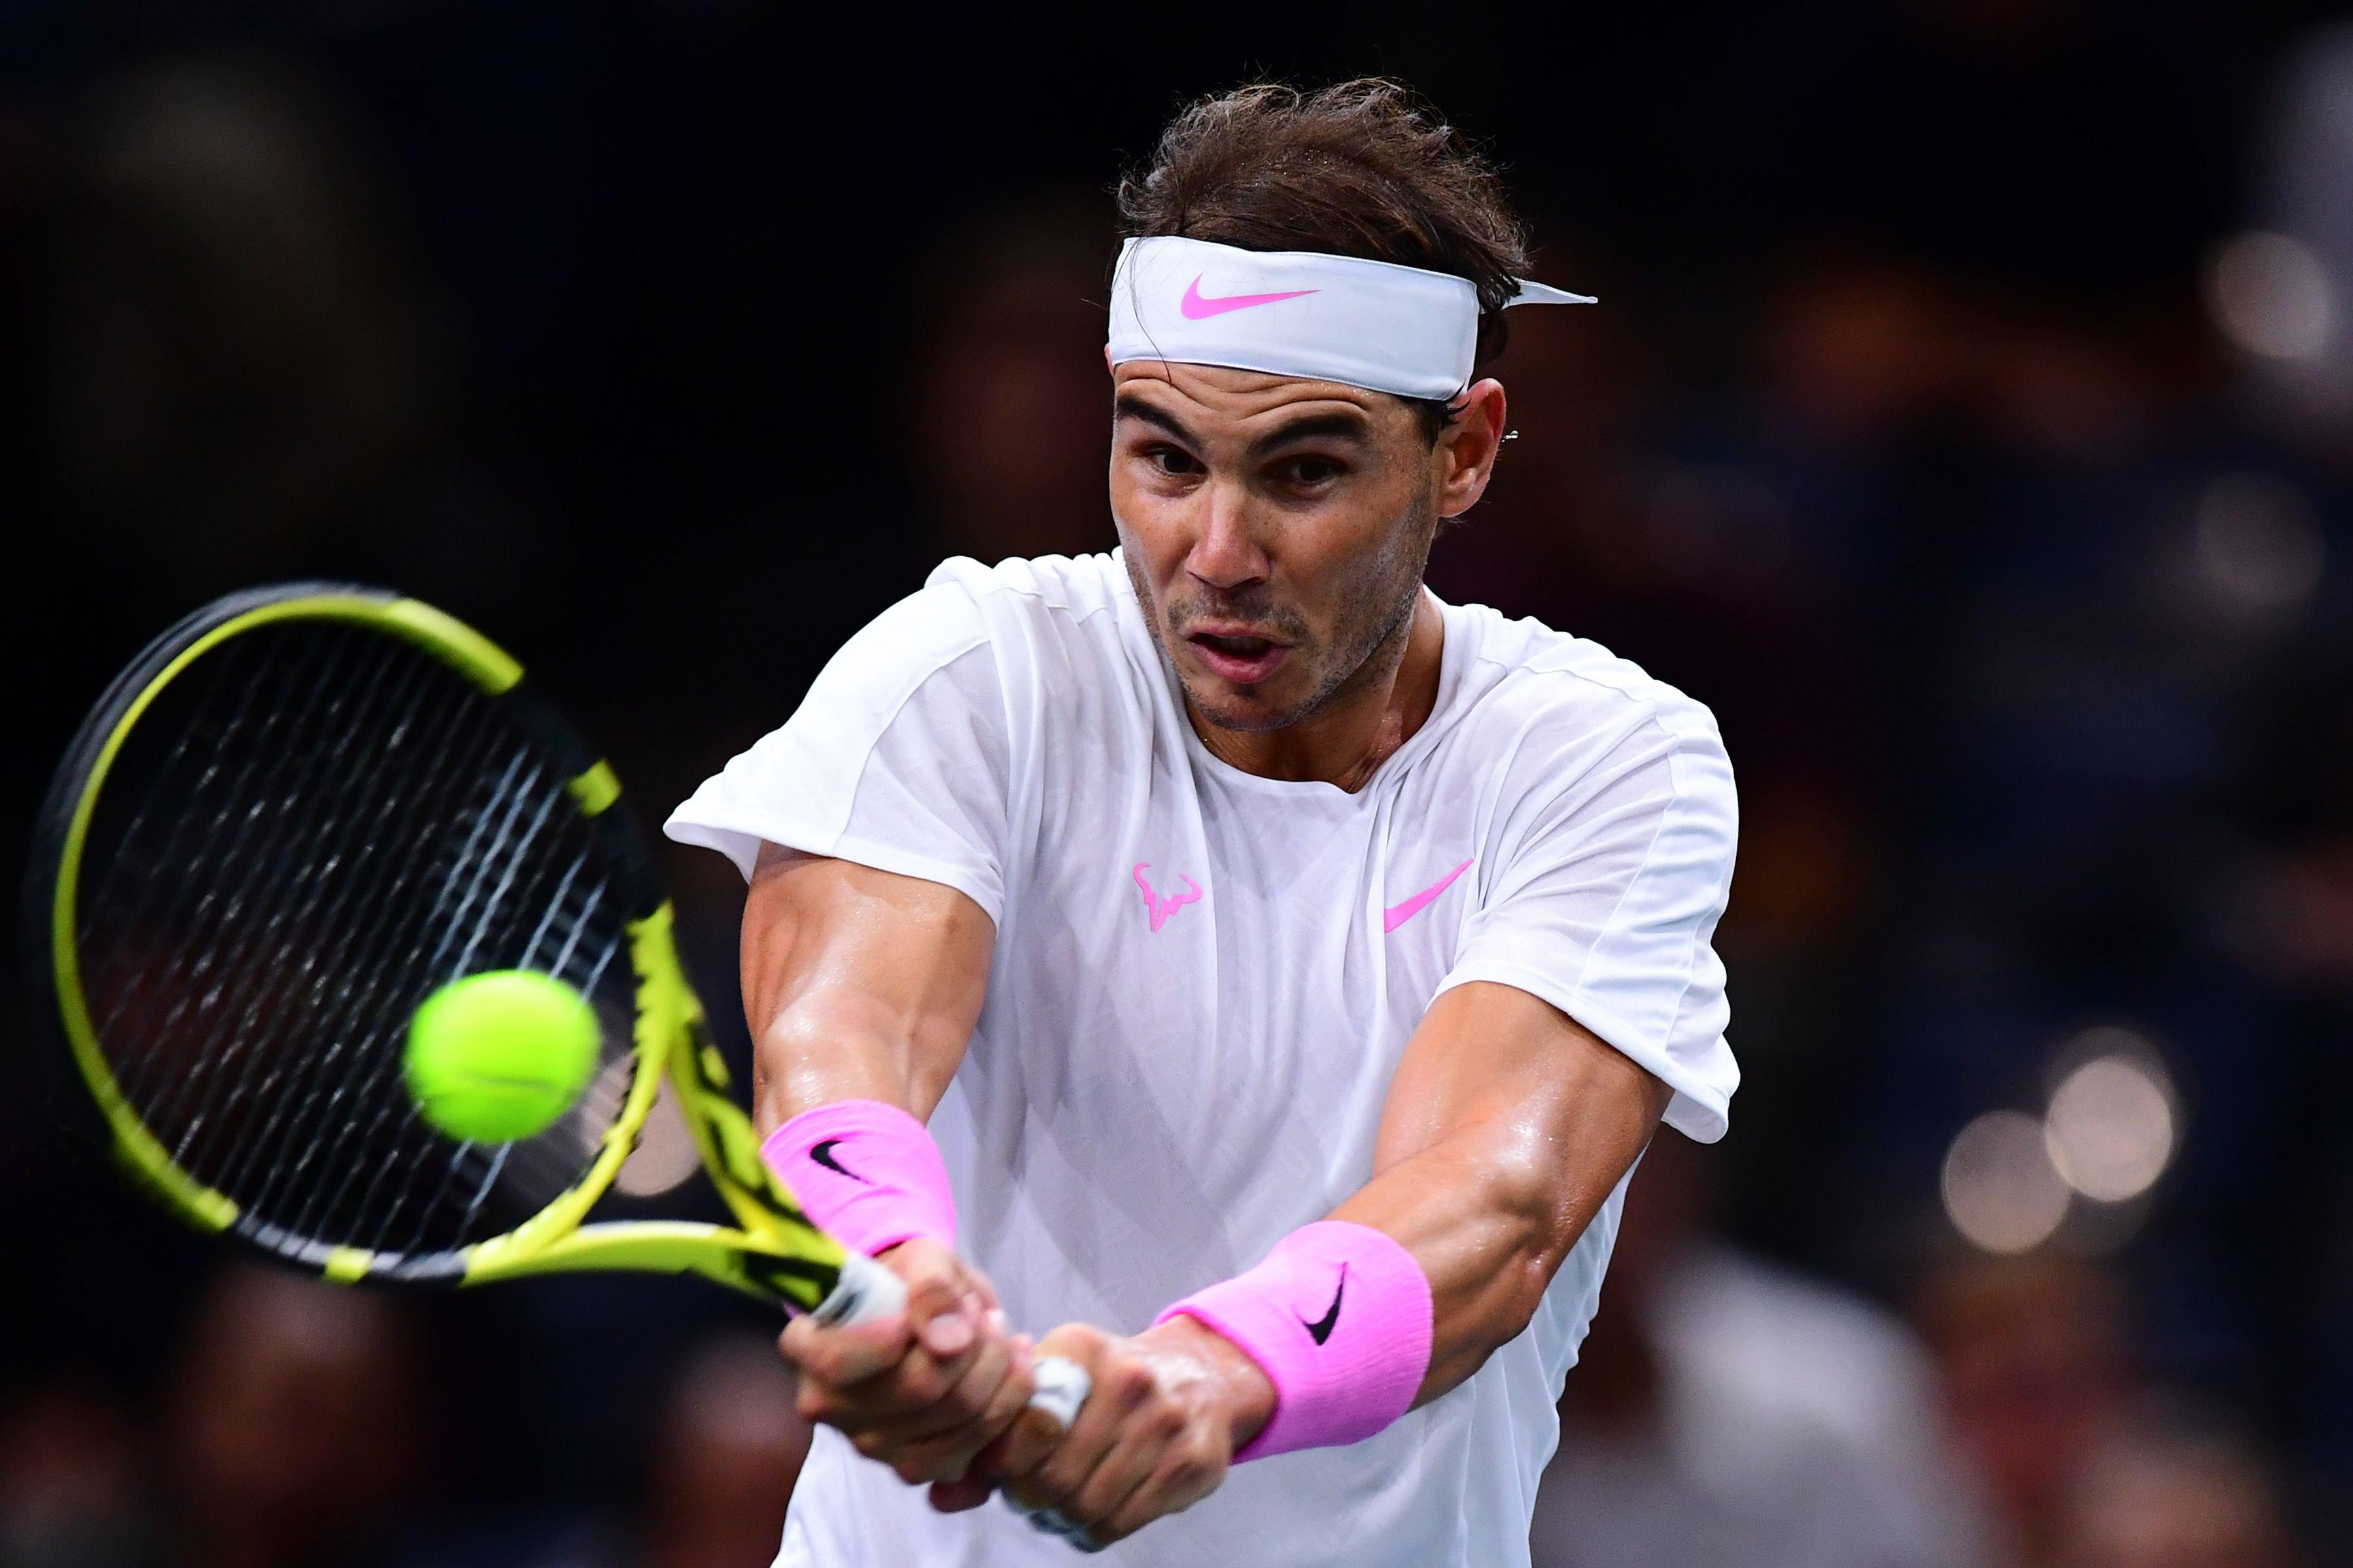 ATP-Փարիզ․ Նադալը կիսաեզրափակչում է